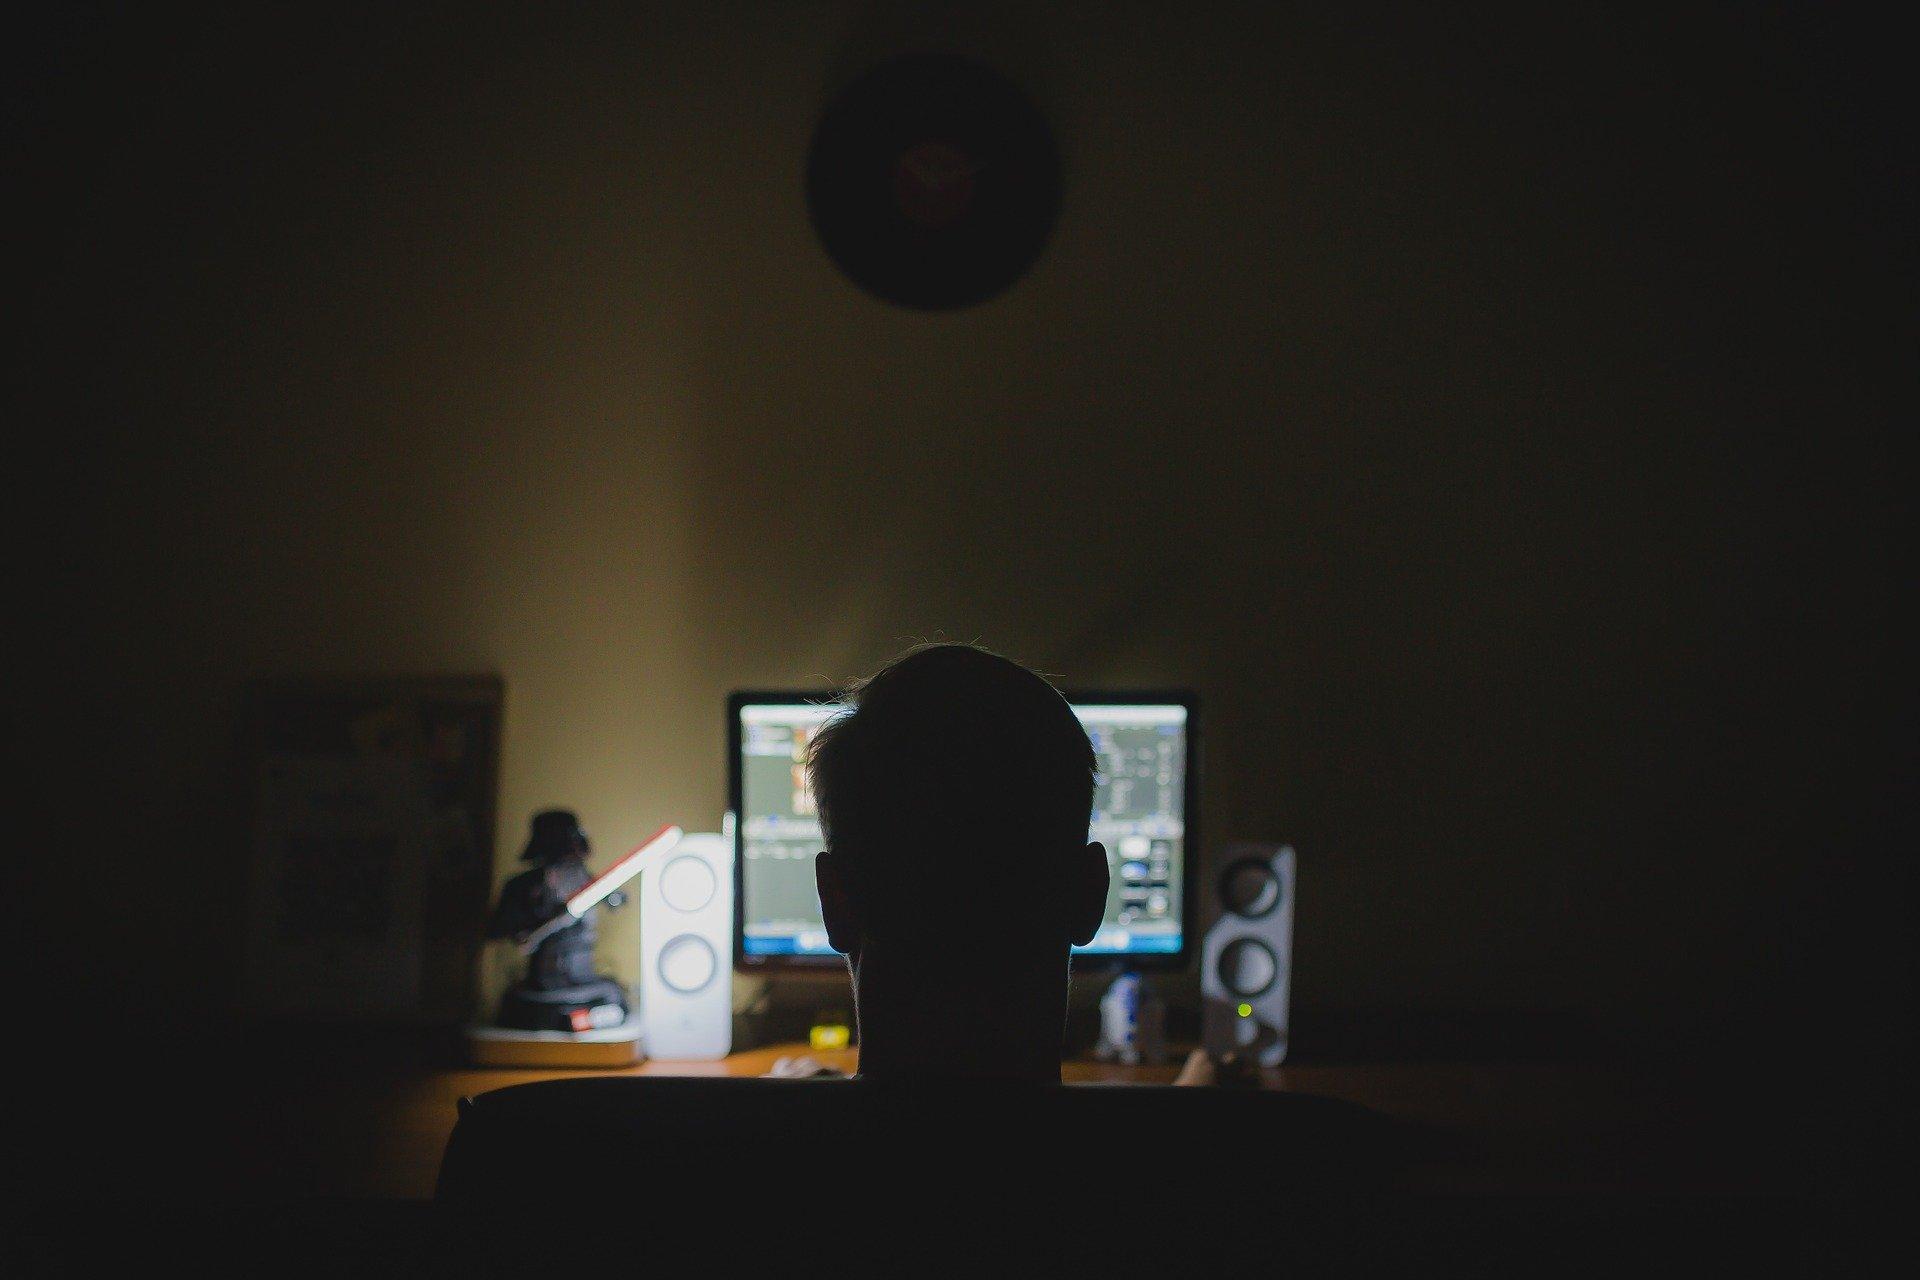 Les PME, proies numériques faciles pour hackers